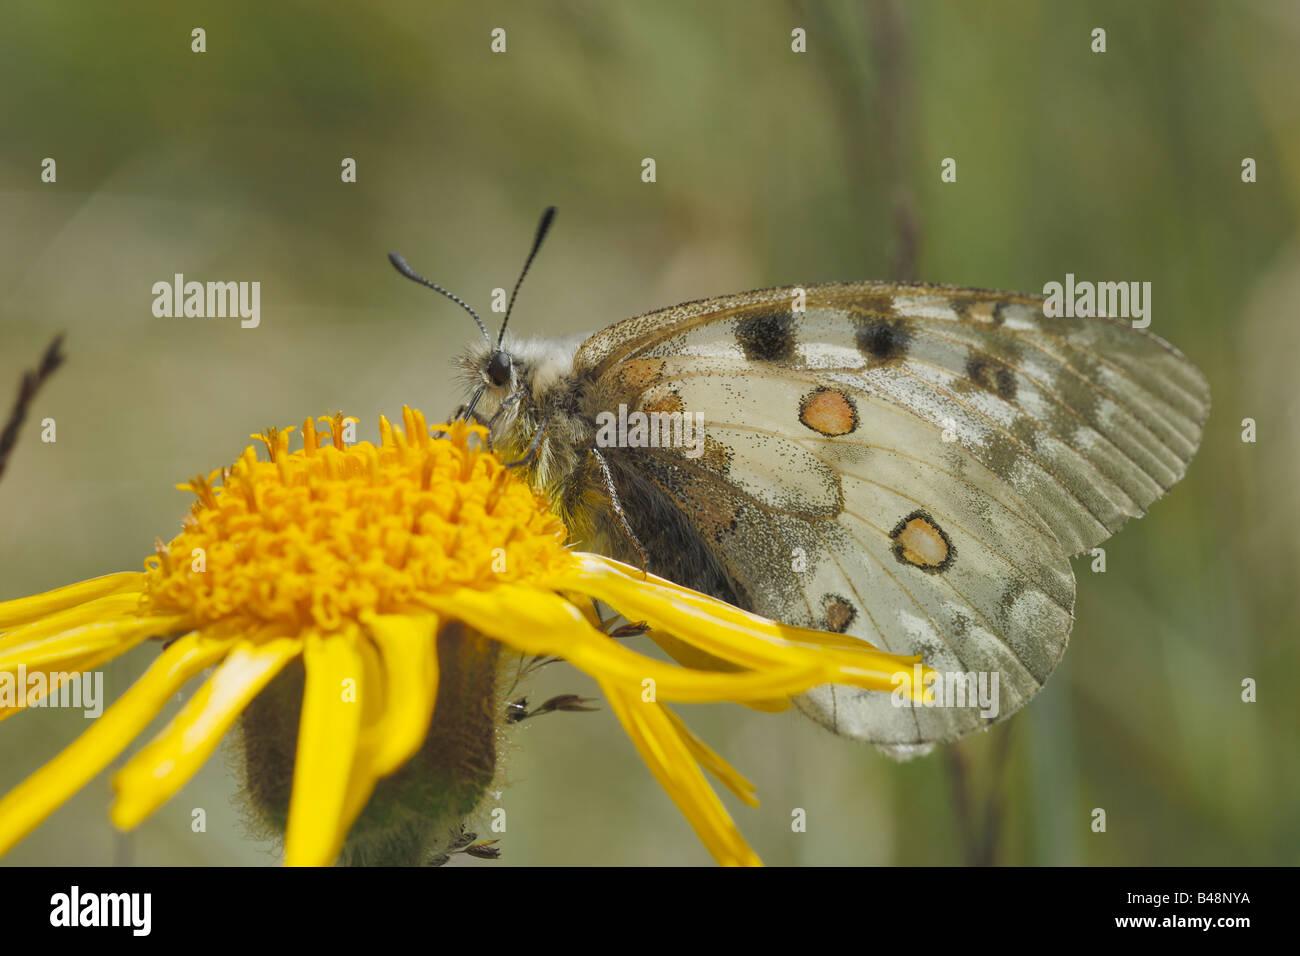 Montagna a farfalla Parnassius apollo Apollo papilionidi lepidotteri ropaloceri farfalle diurne prato prateria alpina Immagini Stock